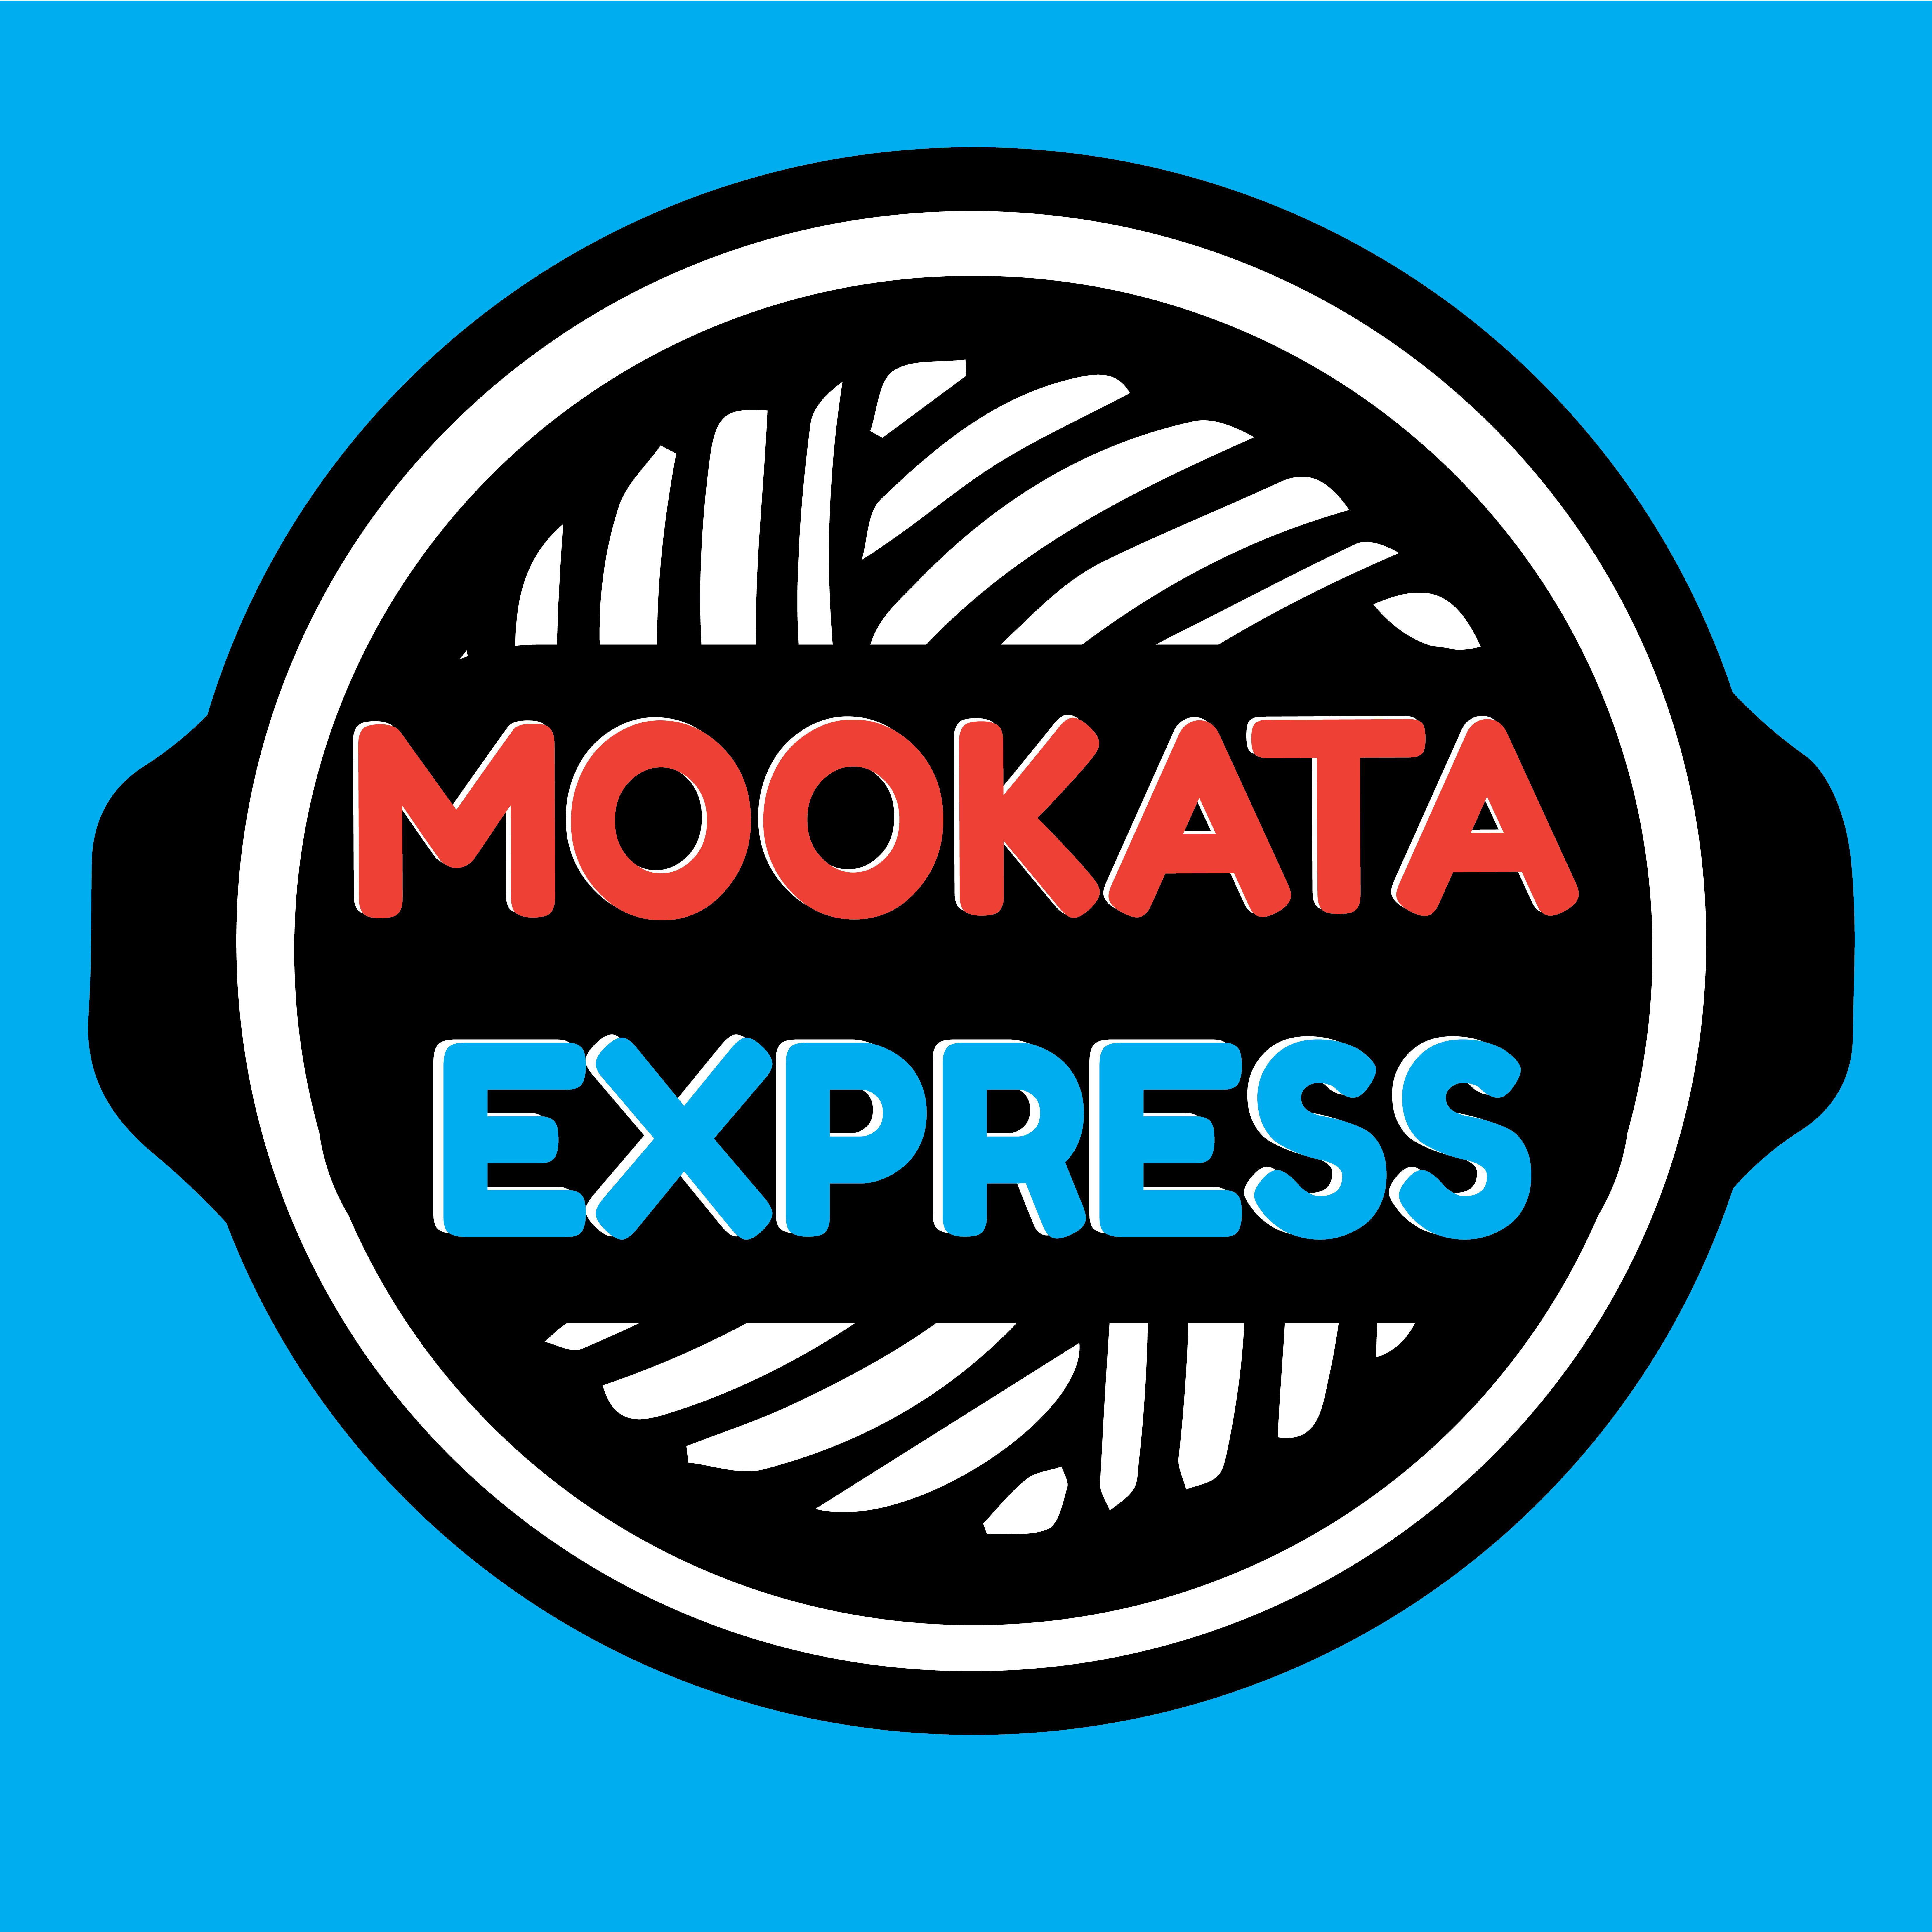 Mookata Express